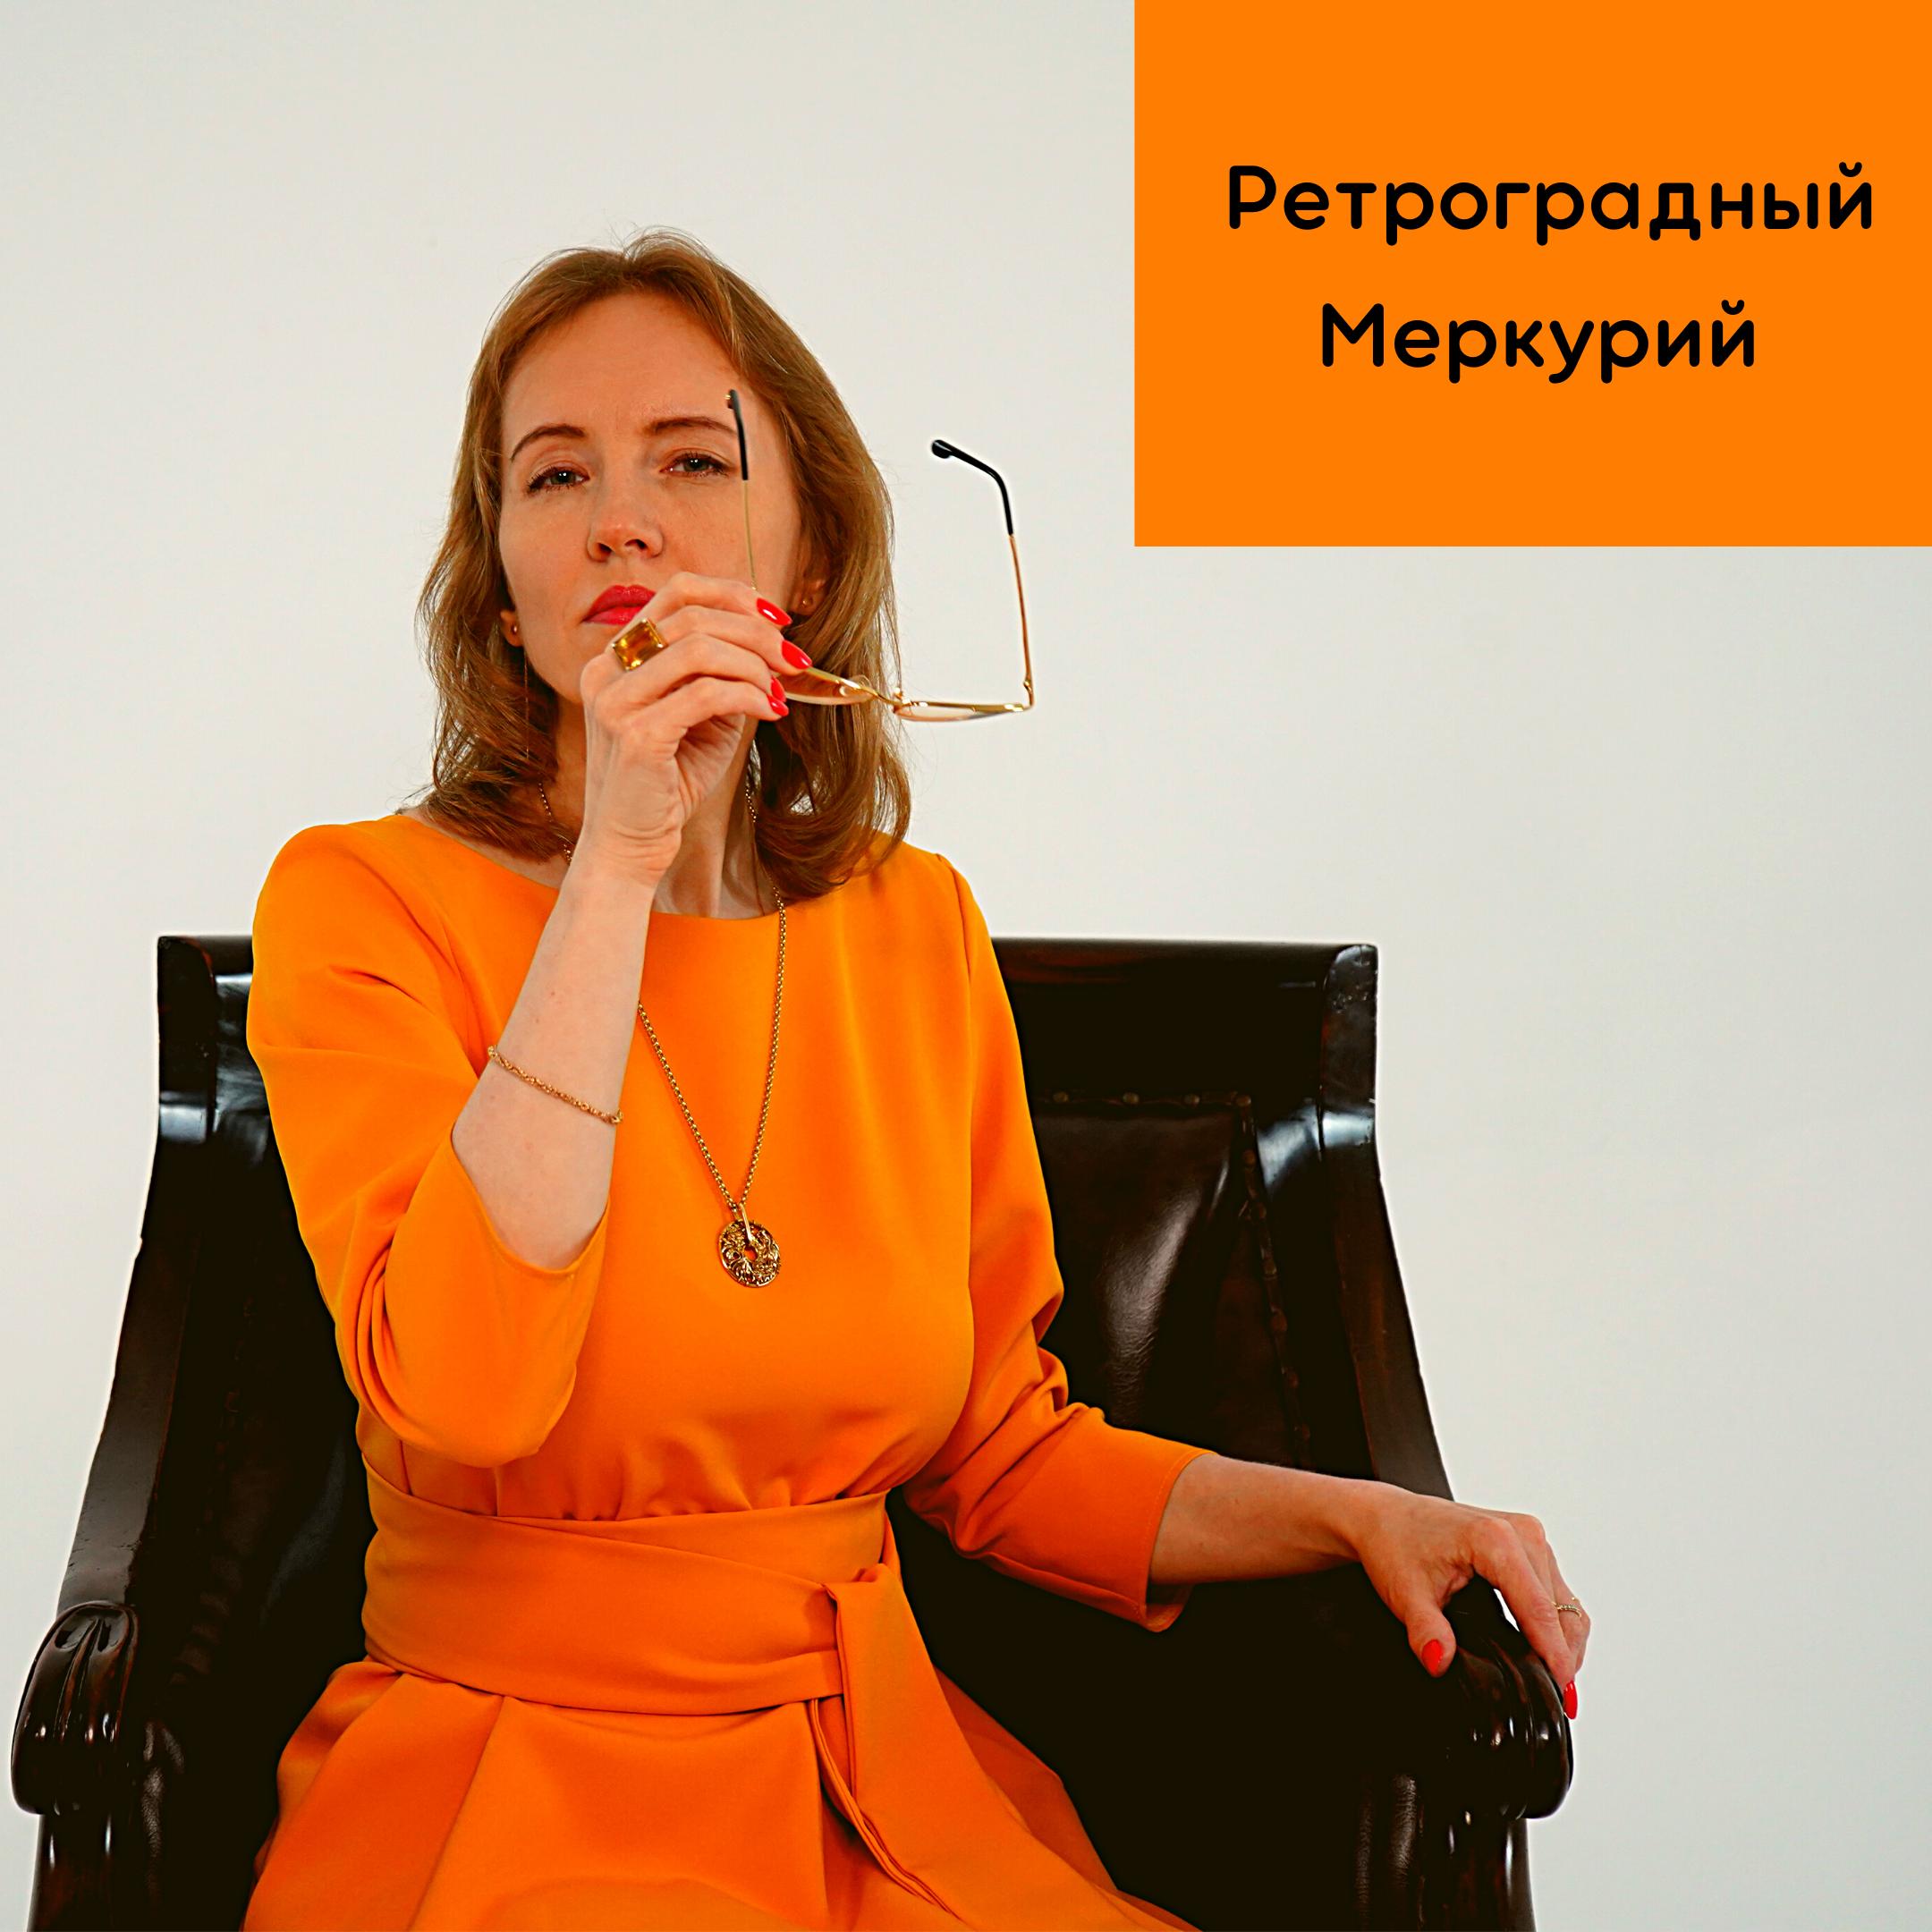 Ретроградный Меркурий - советы • Milana.Ru